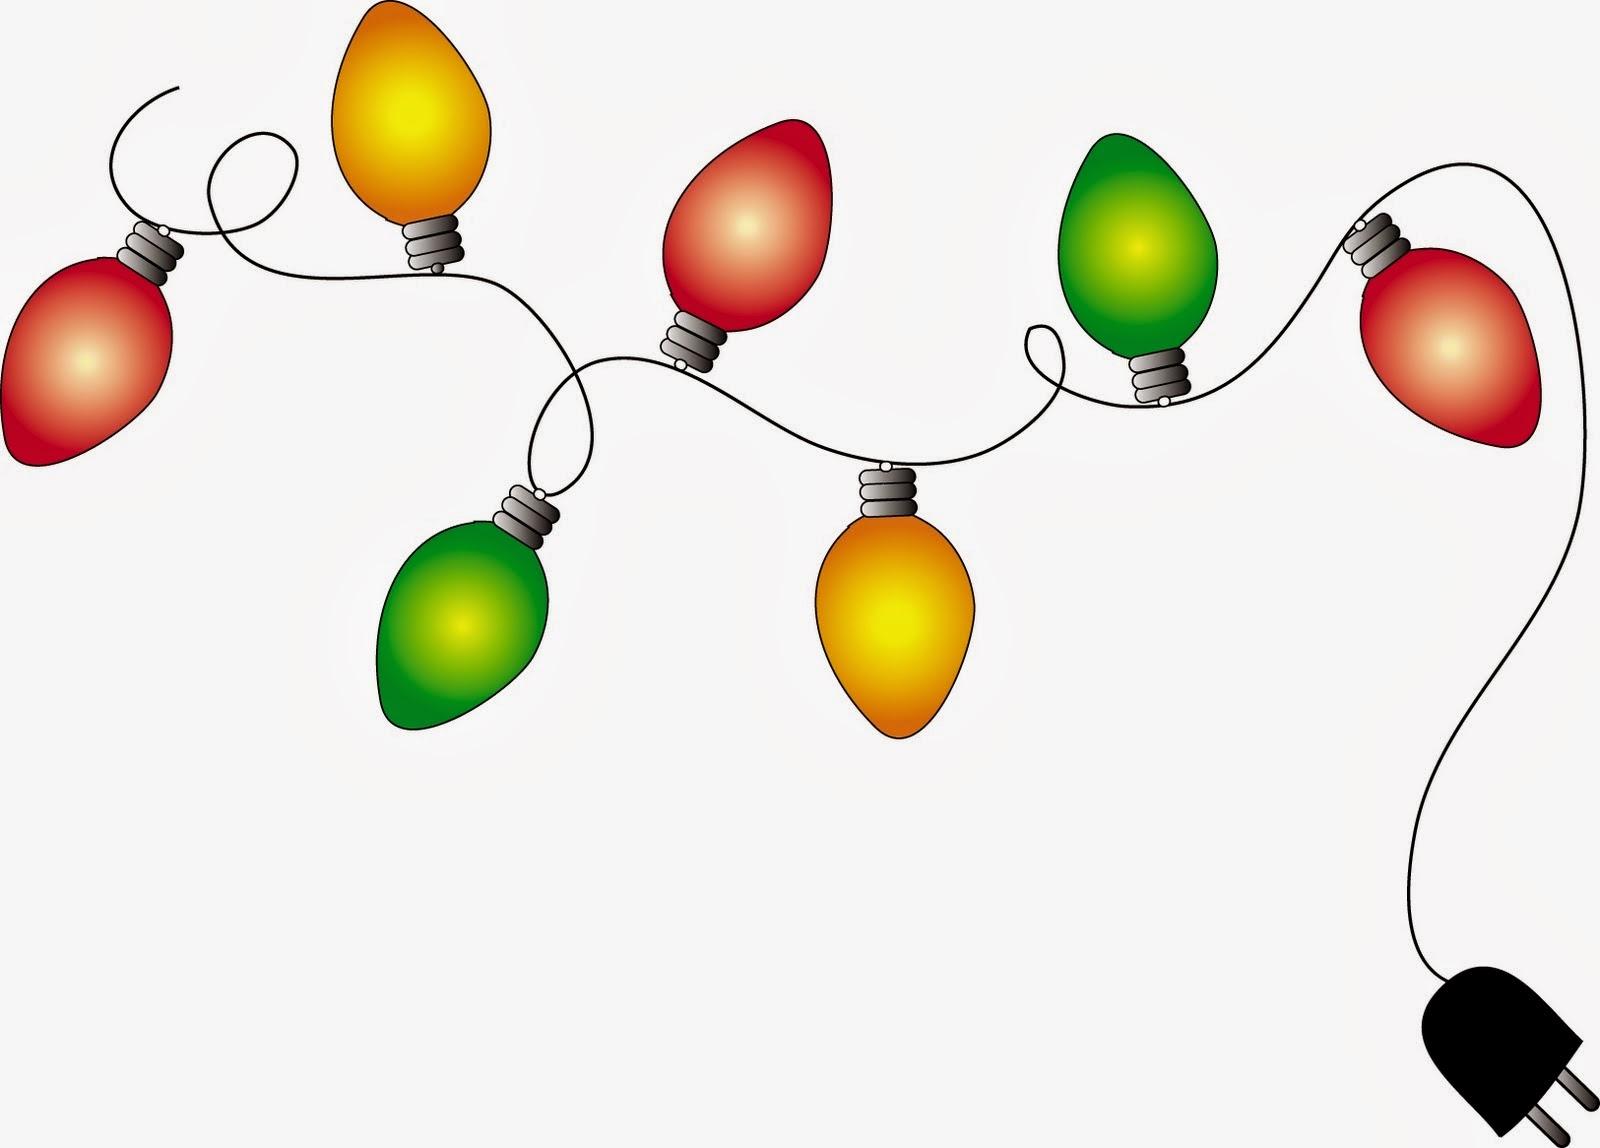 Christmas lights christmas light clipart-Christmas lights christmas light clipart 3-3